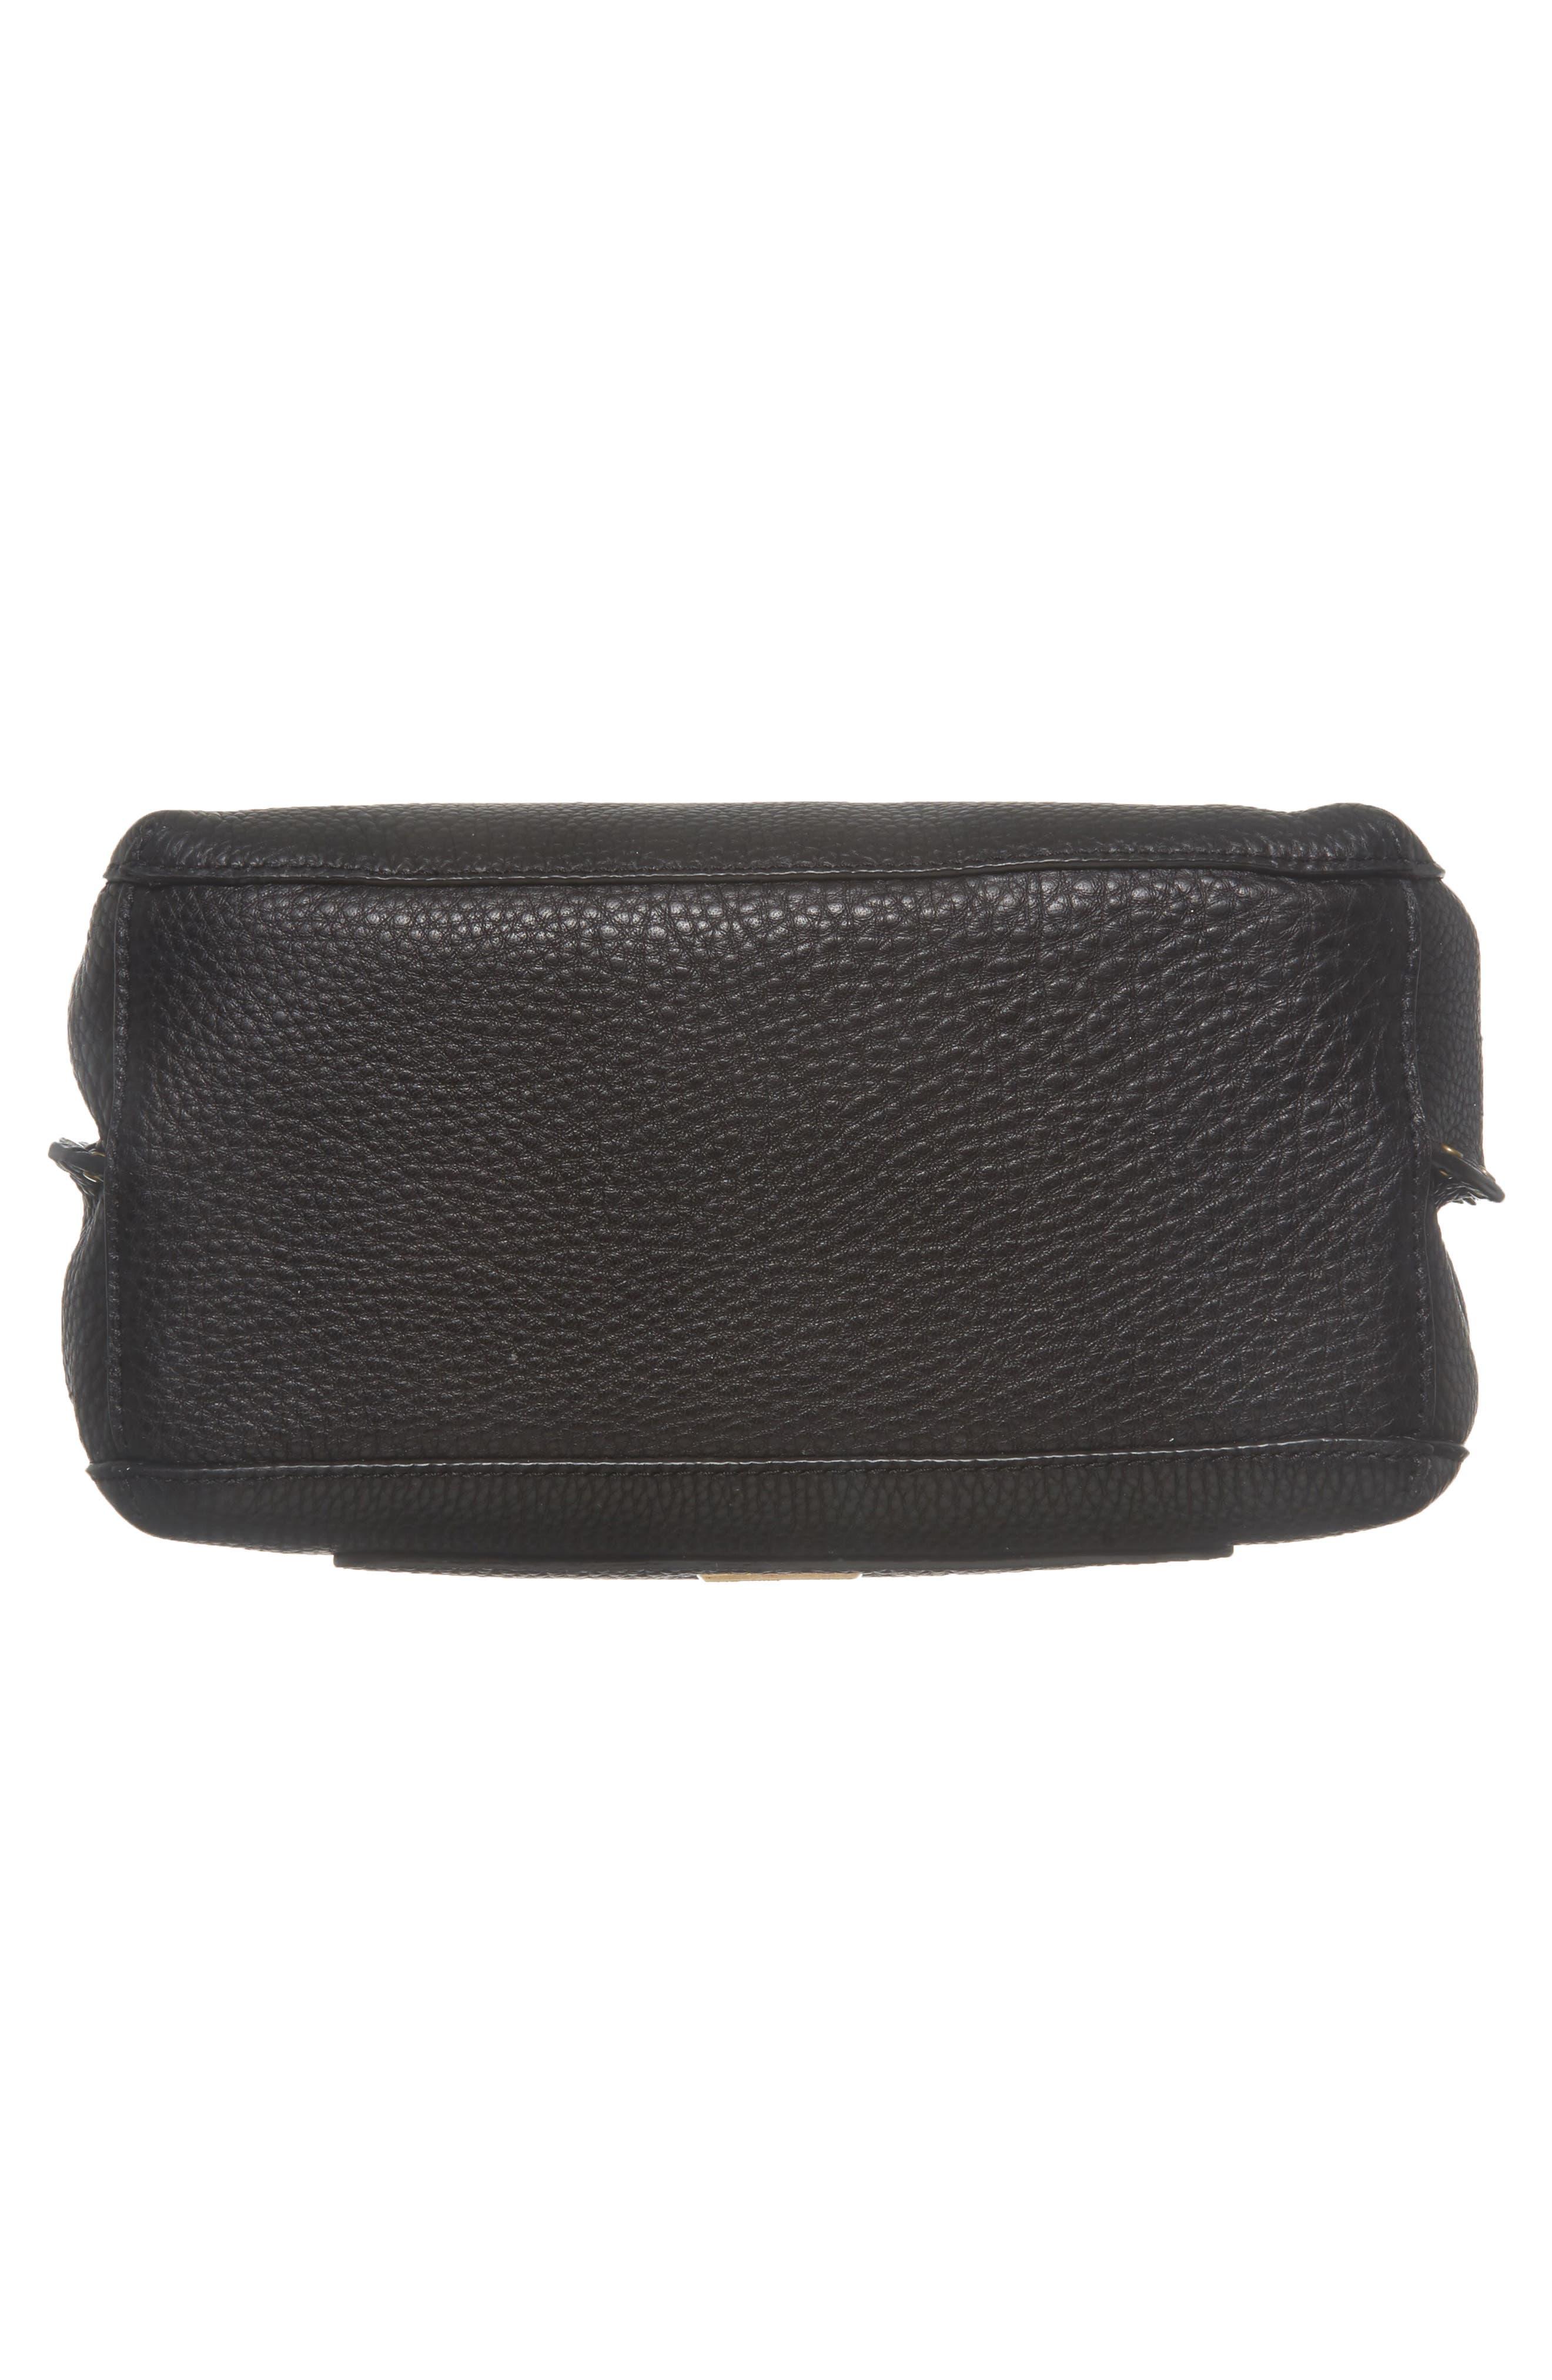 REBECCA MINKOFF, Darren Deerskin Leather Shoulder Bag, Alternate thumbnail 7, color, BLACK